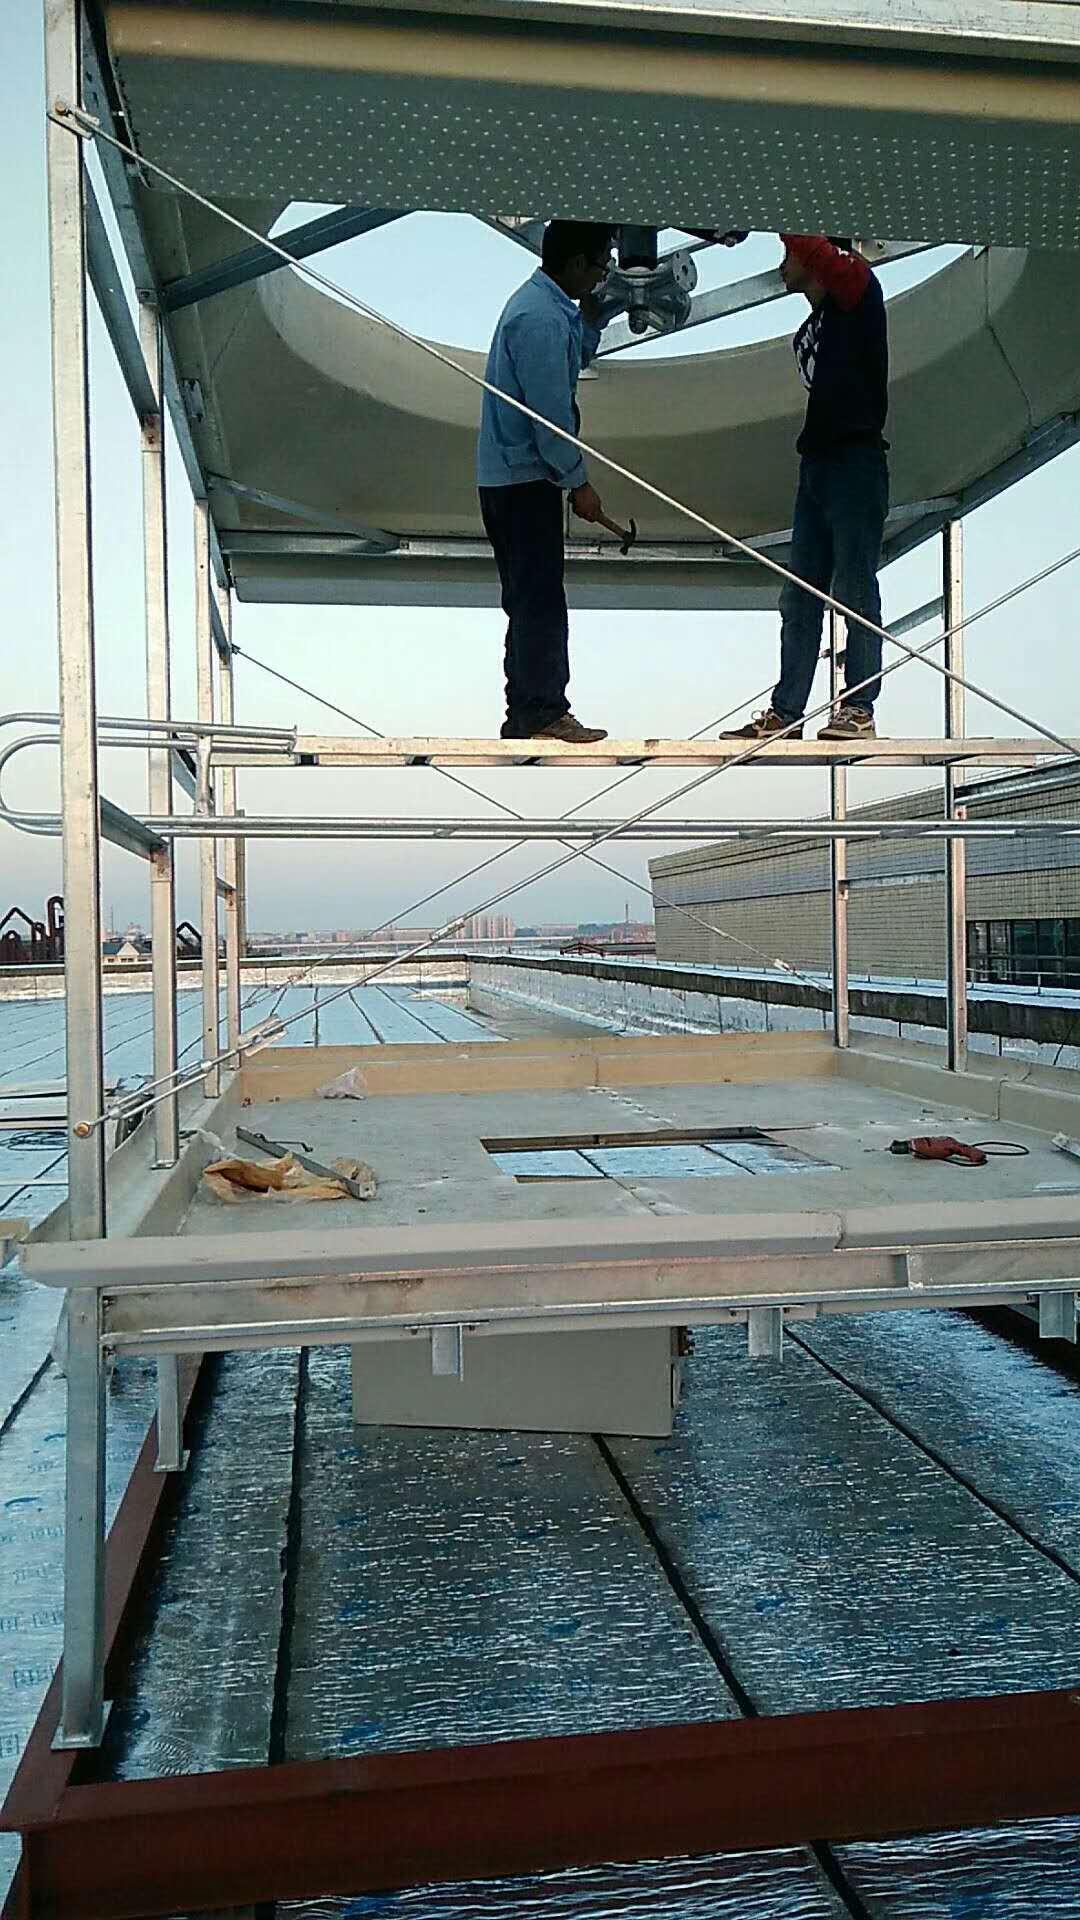 屯昌县横流方形冷却塔